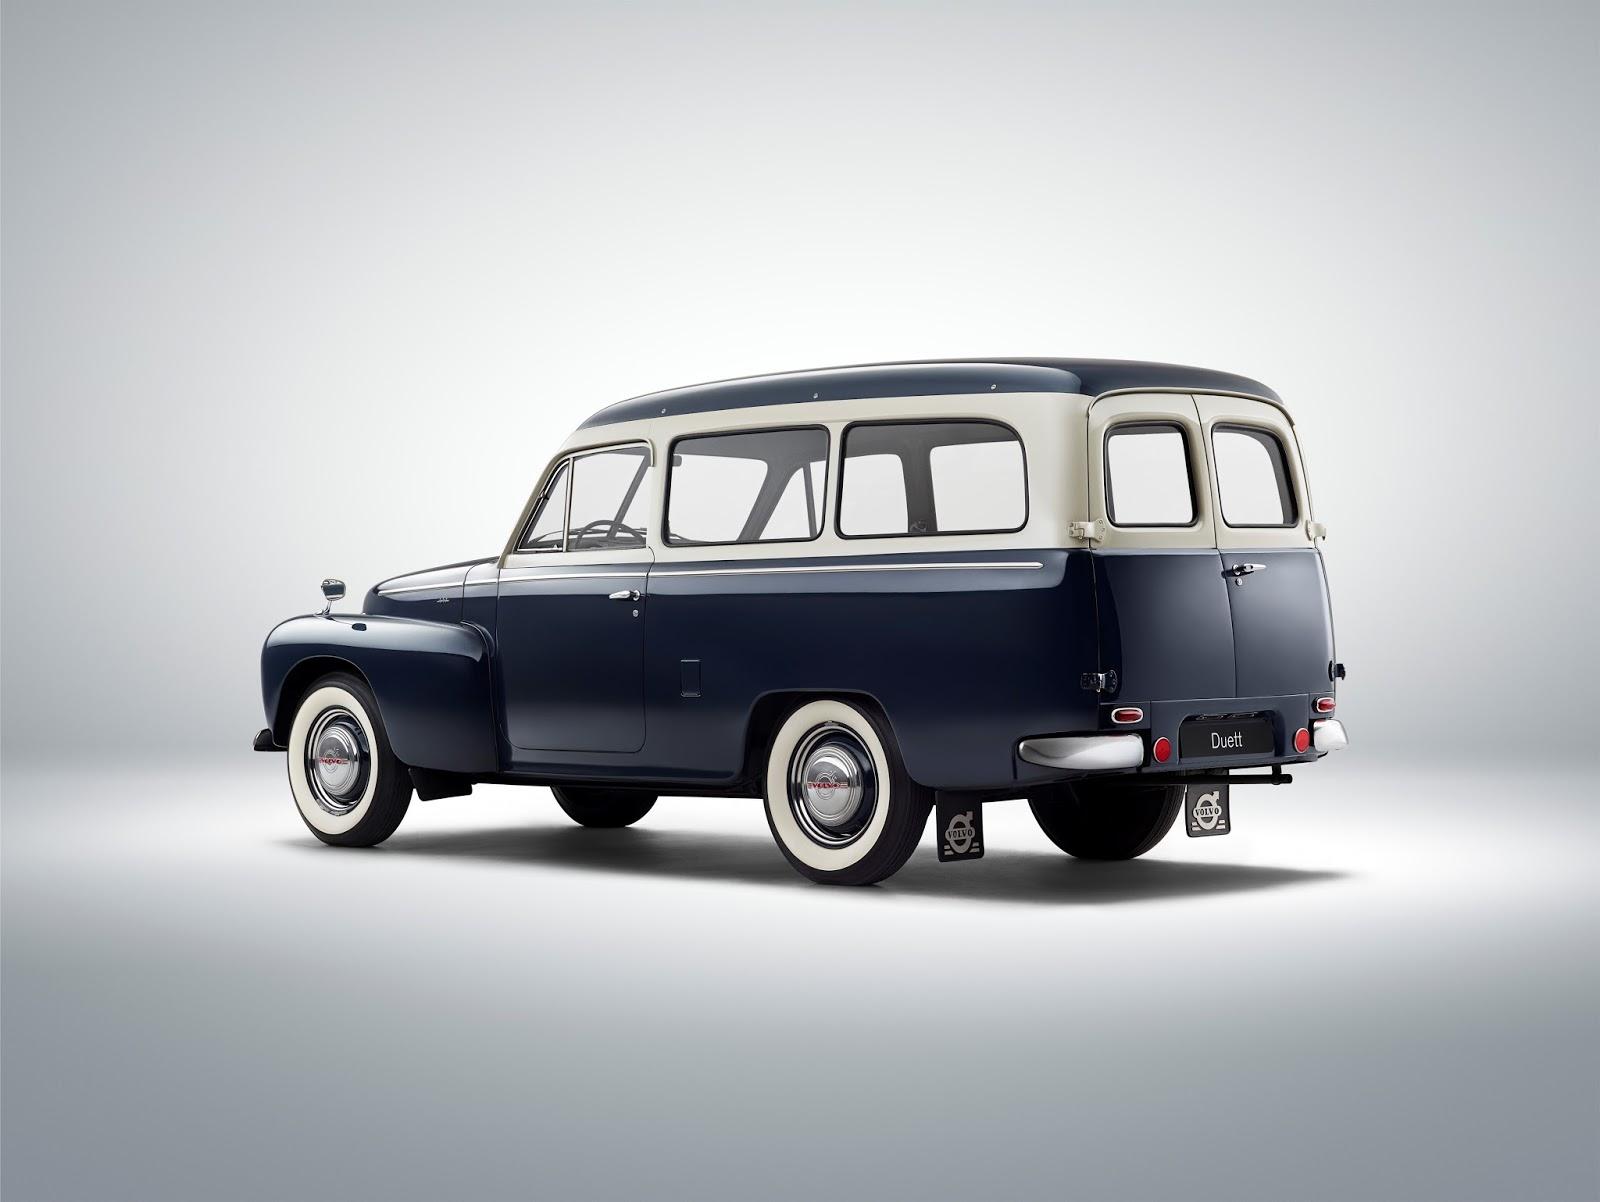 173625 Volvo Duett Το V90 είναι το πιο όμορφο, το πιο ασφαλές station wagon και το πιο... Volvo Station Wagon, Volvo, Volvo V90